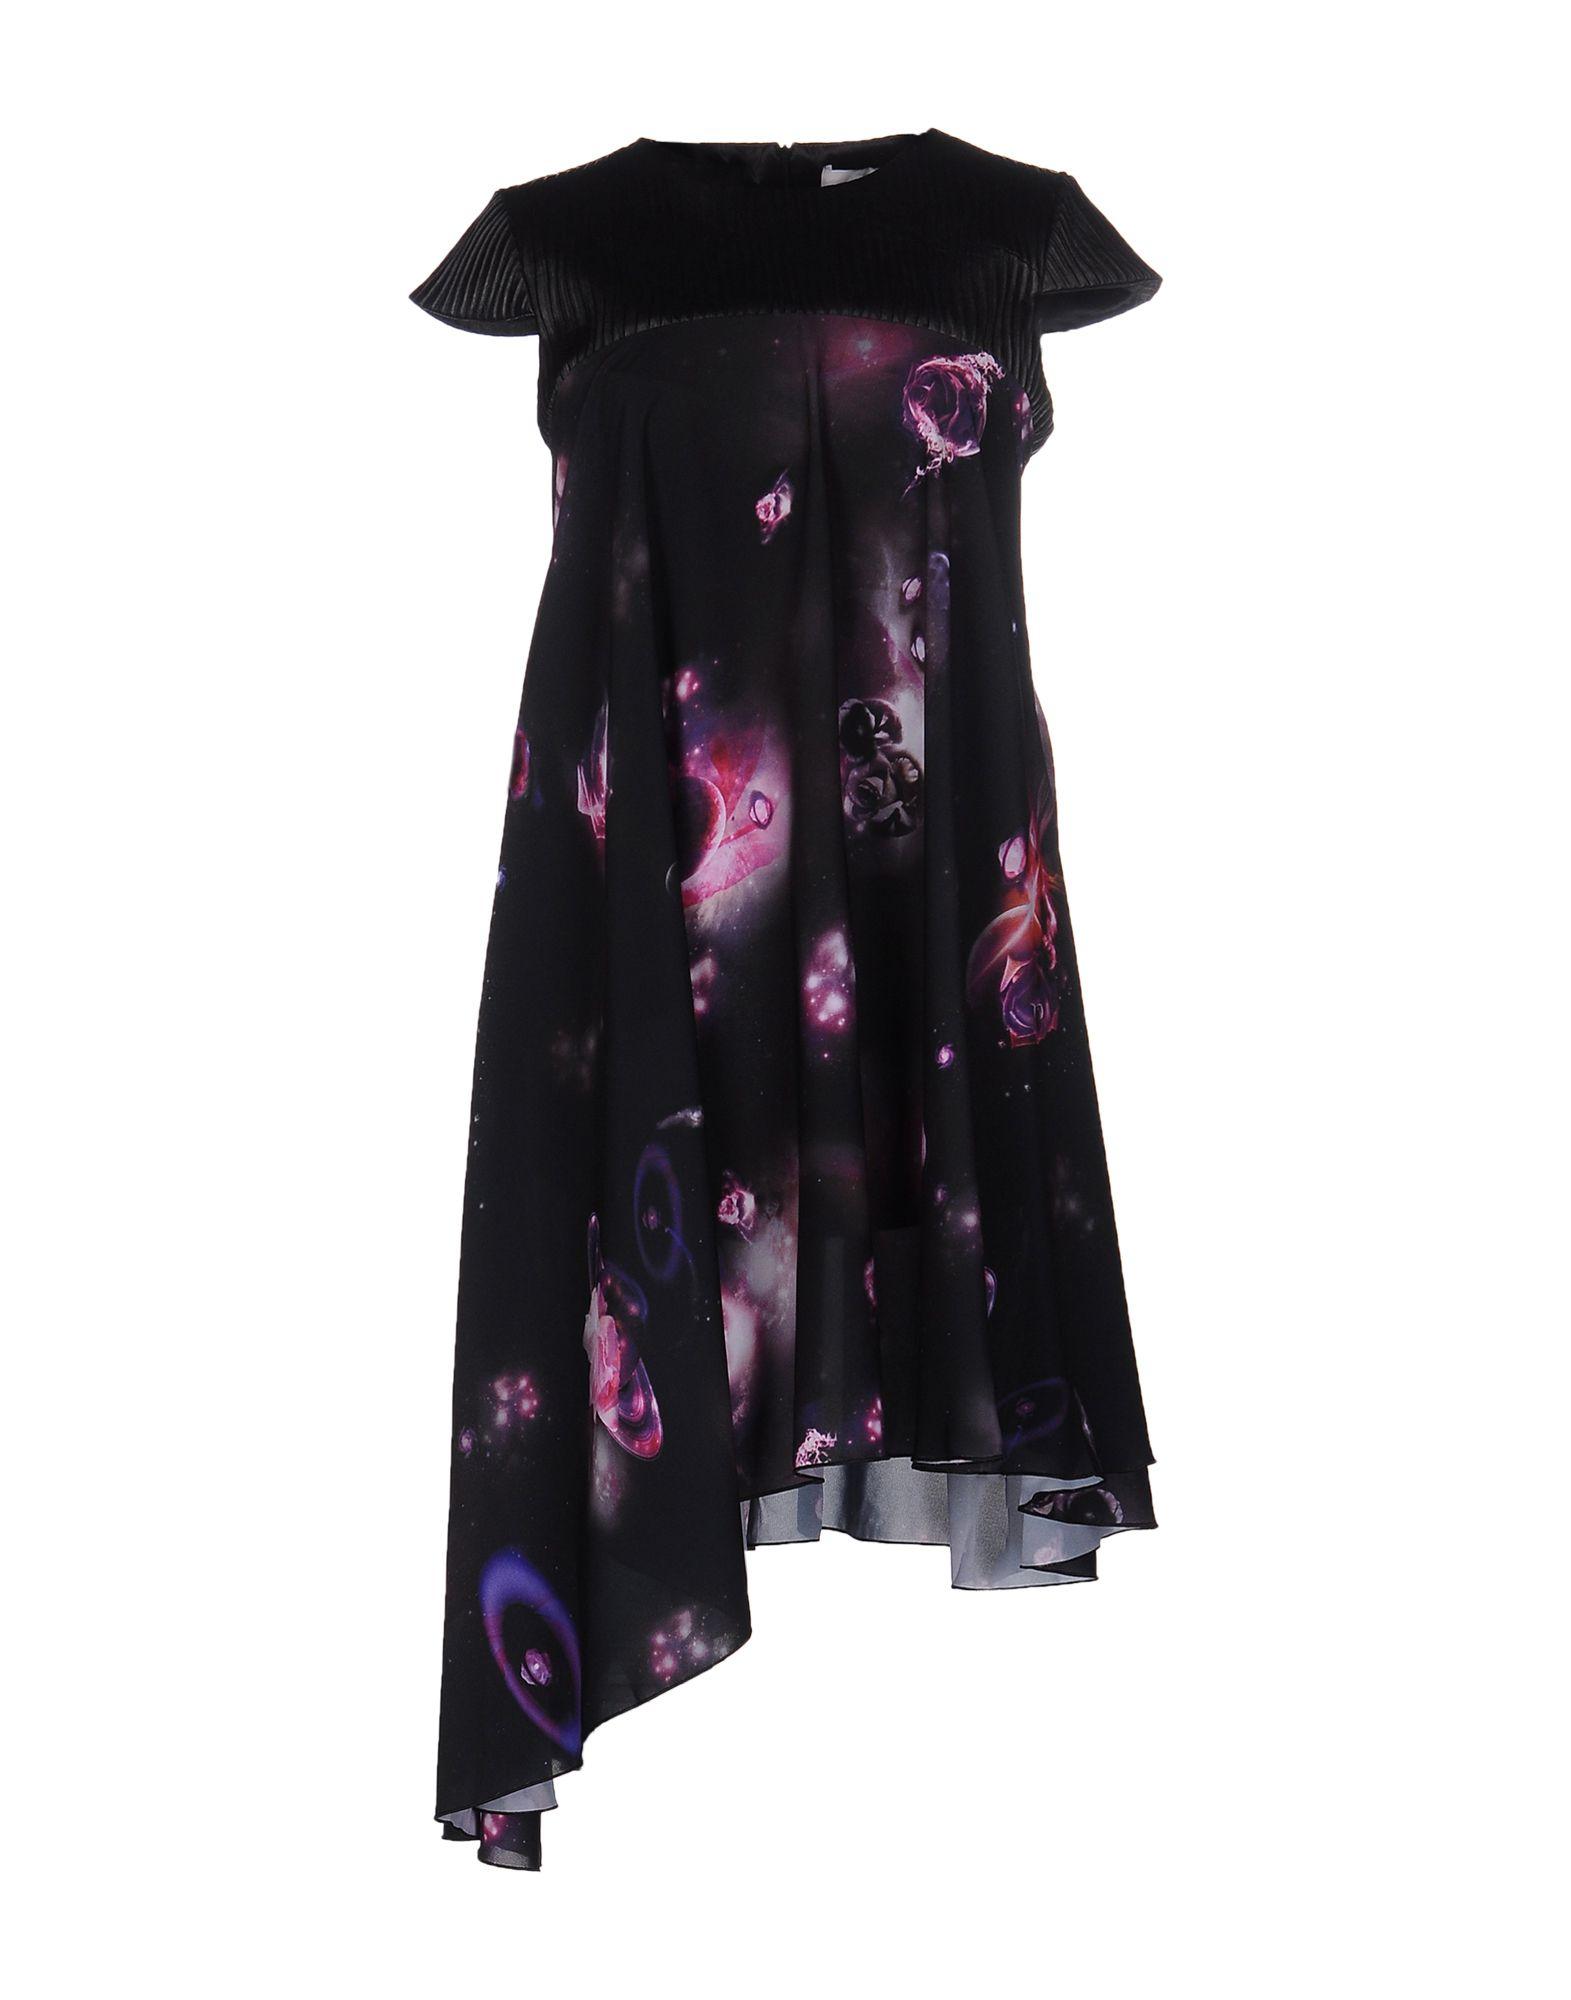 цены на ORTYS OFFICINA MILANO Короткое платье в интернет-магазинах